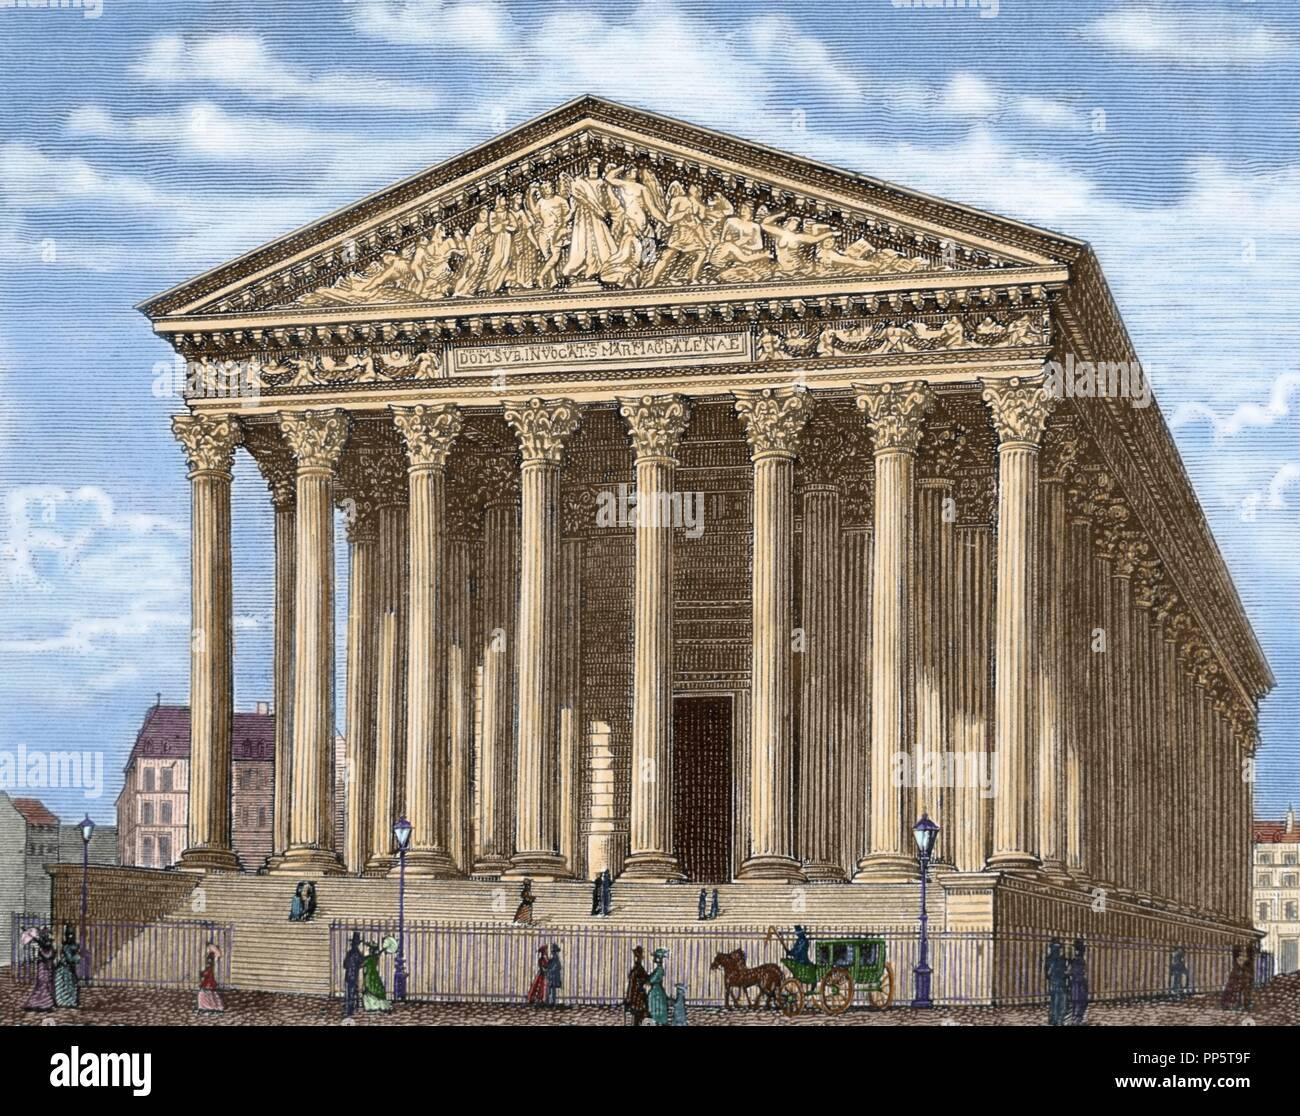 La Madeleine (L'e glise de la Madeleine). Construit en 1806, il a été conçu comme un temple à la gloire de l'armée de Napoléon. Paris. La France. Gravure en couleur. Banque D'Images